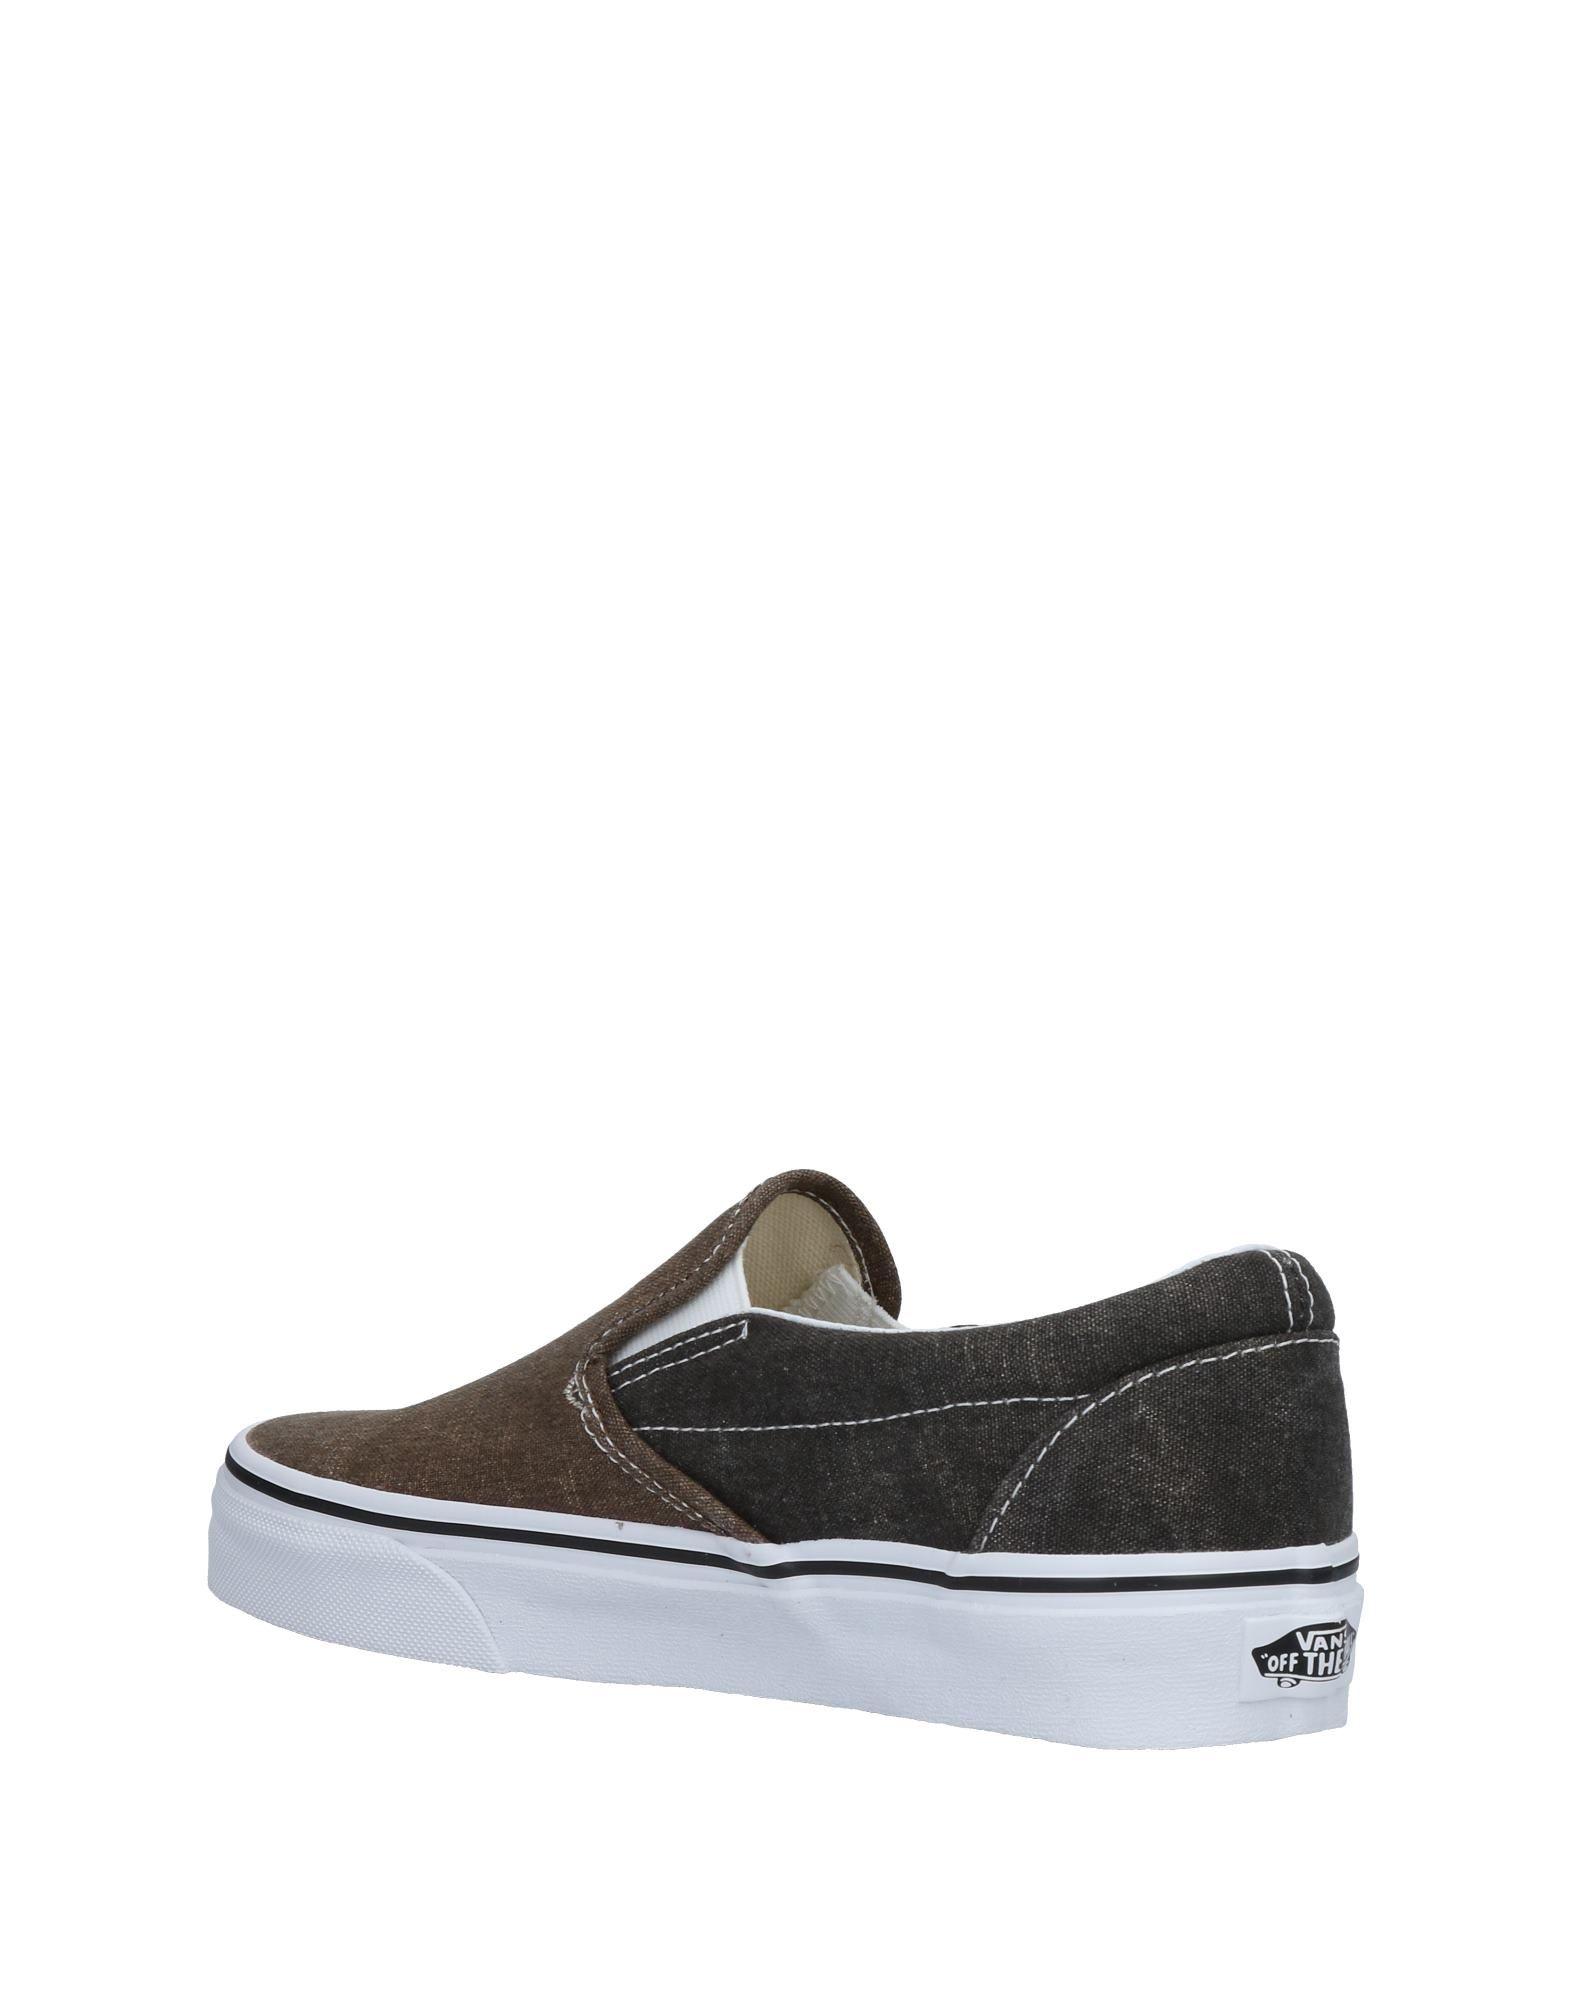 Vans Gute Sneakers Damen  11477605XR Gute Vans Qualität beliebte Schuhe 71413e